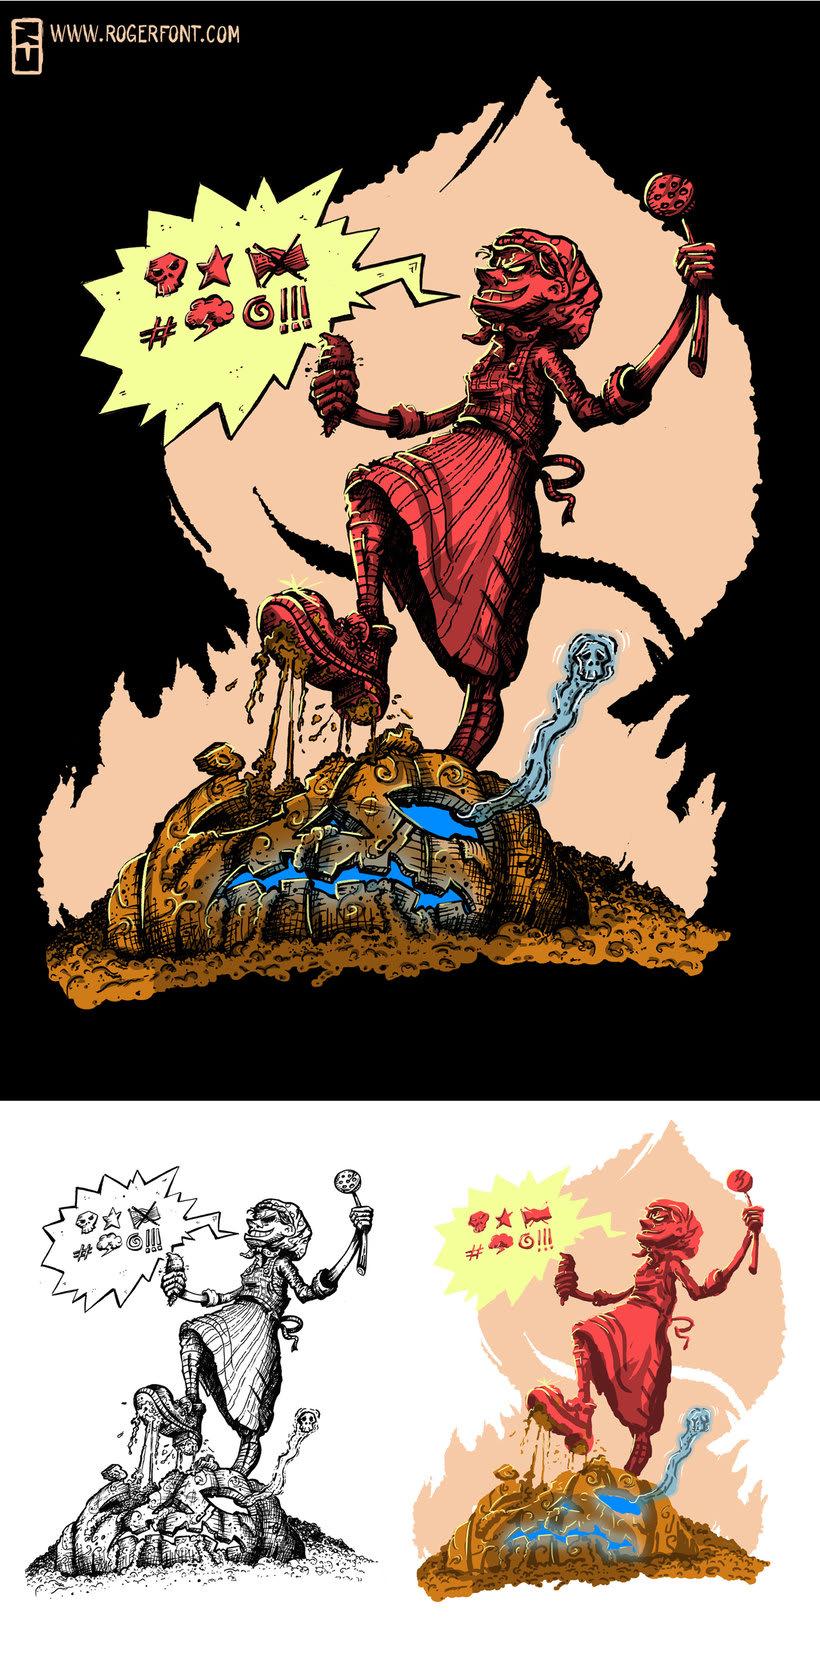 Tinta crítica - Ilustraciones a tinta y color digital 8